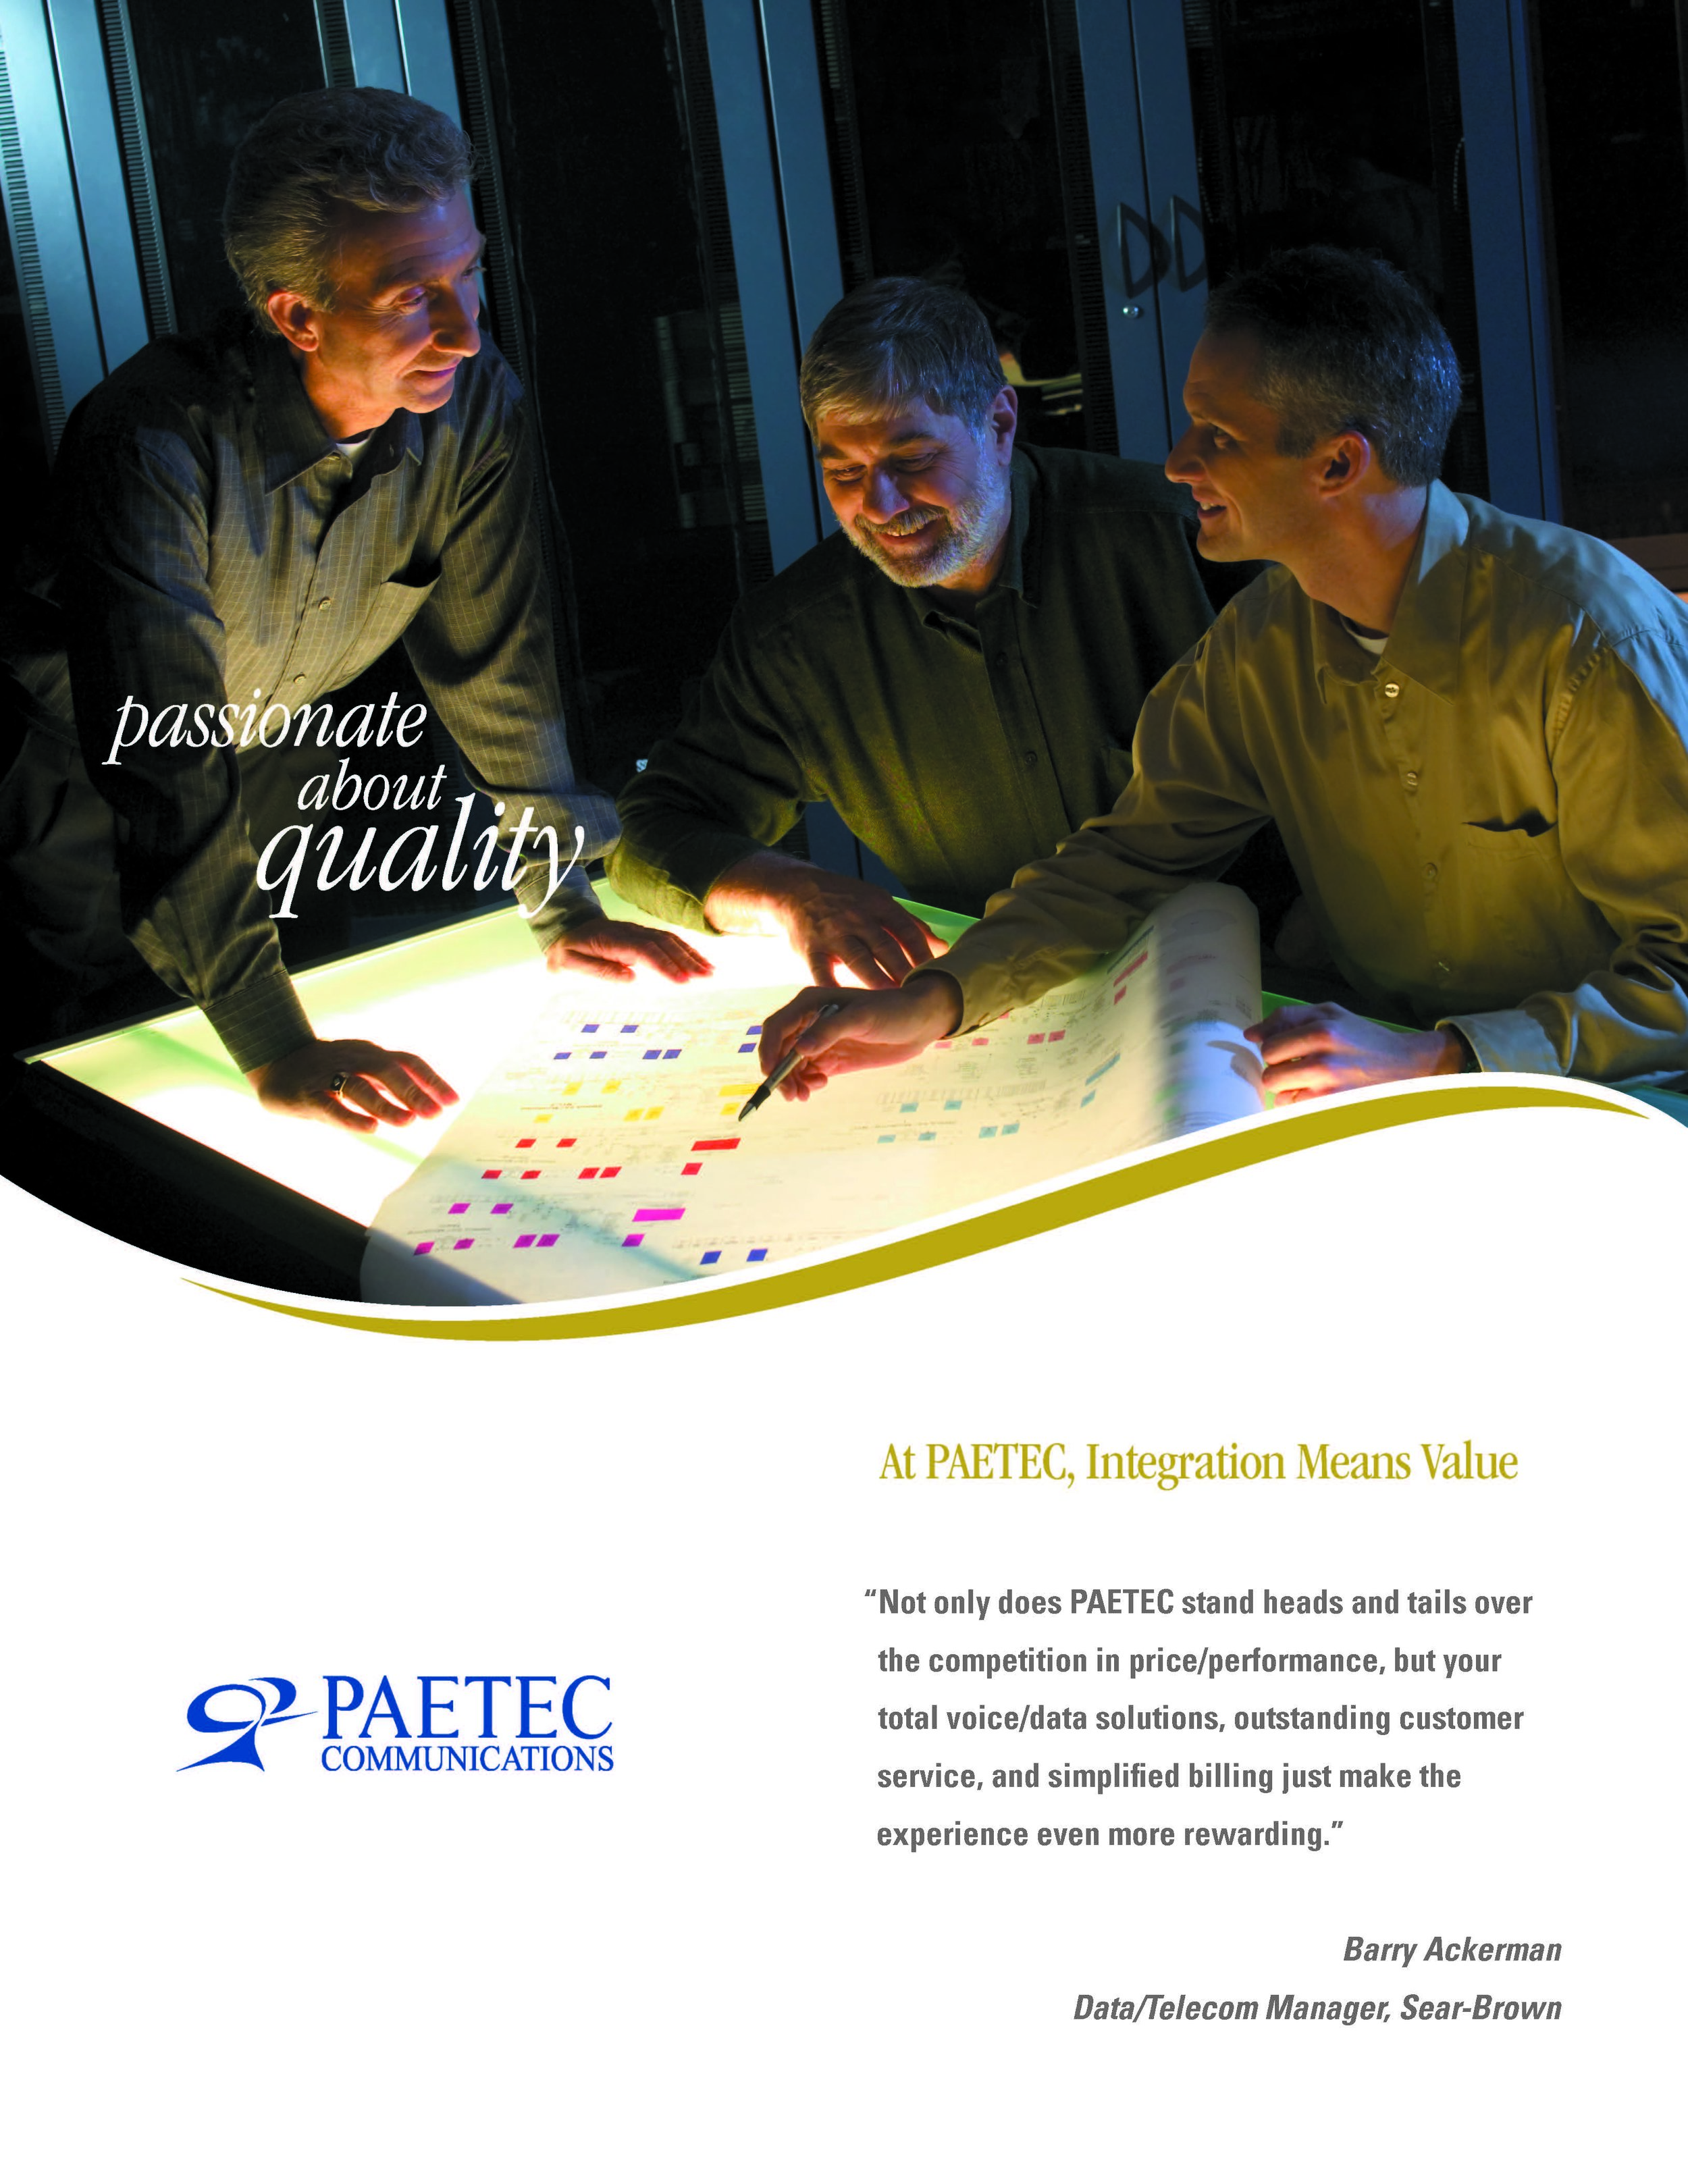 Paetec_Page_47.jpg